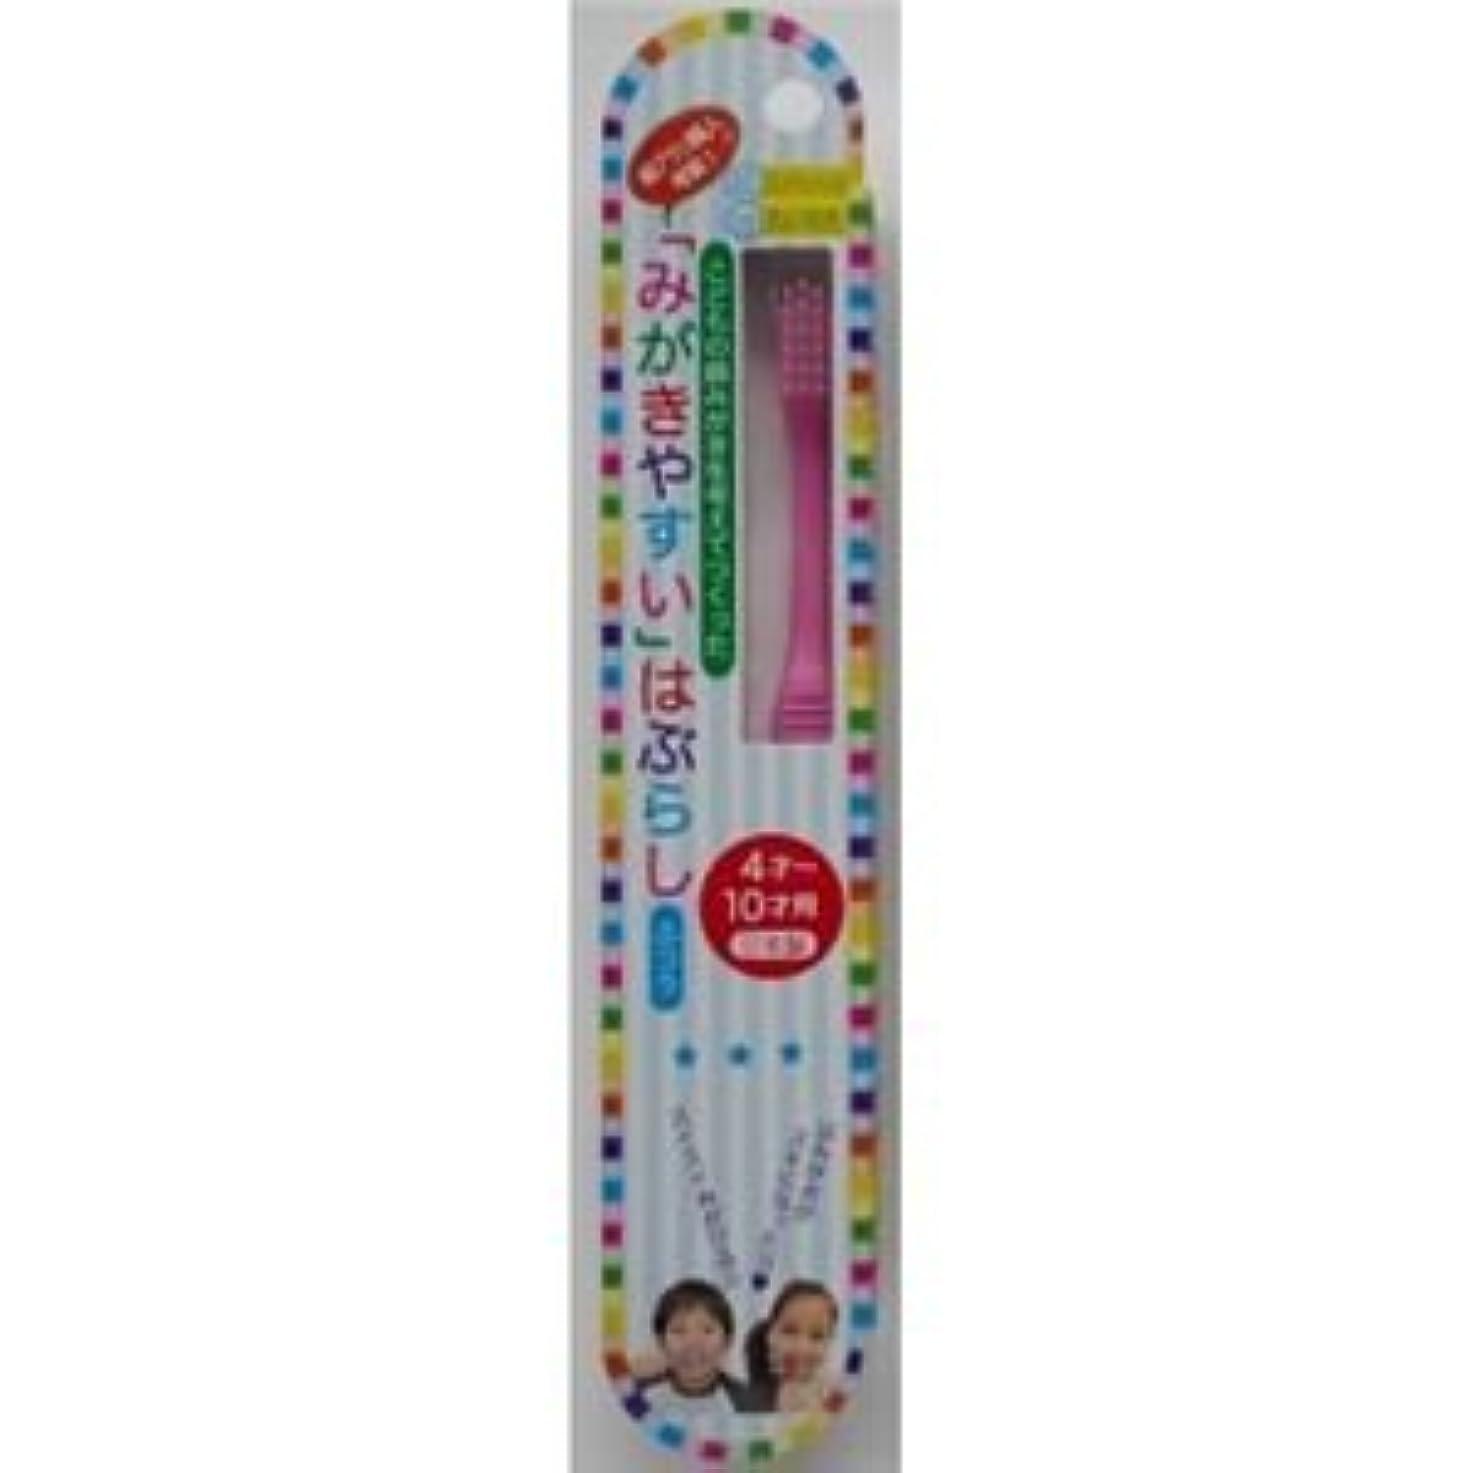 歩行者ハッチ受け取る(まとめ)ライフレンジ 磨きやすい歯ブラシ LT-10 「磨きやすい」歯ブラシ こども用 【×12点セット】